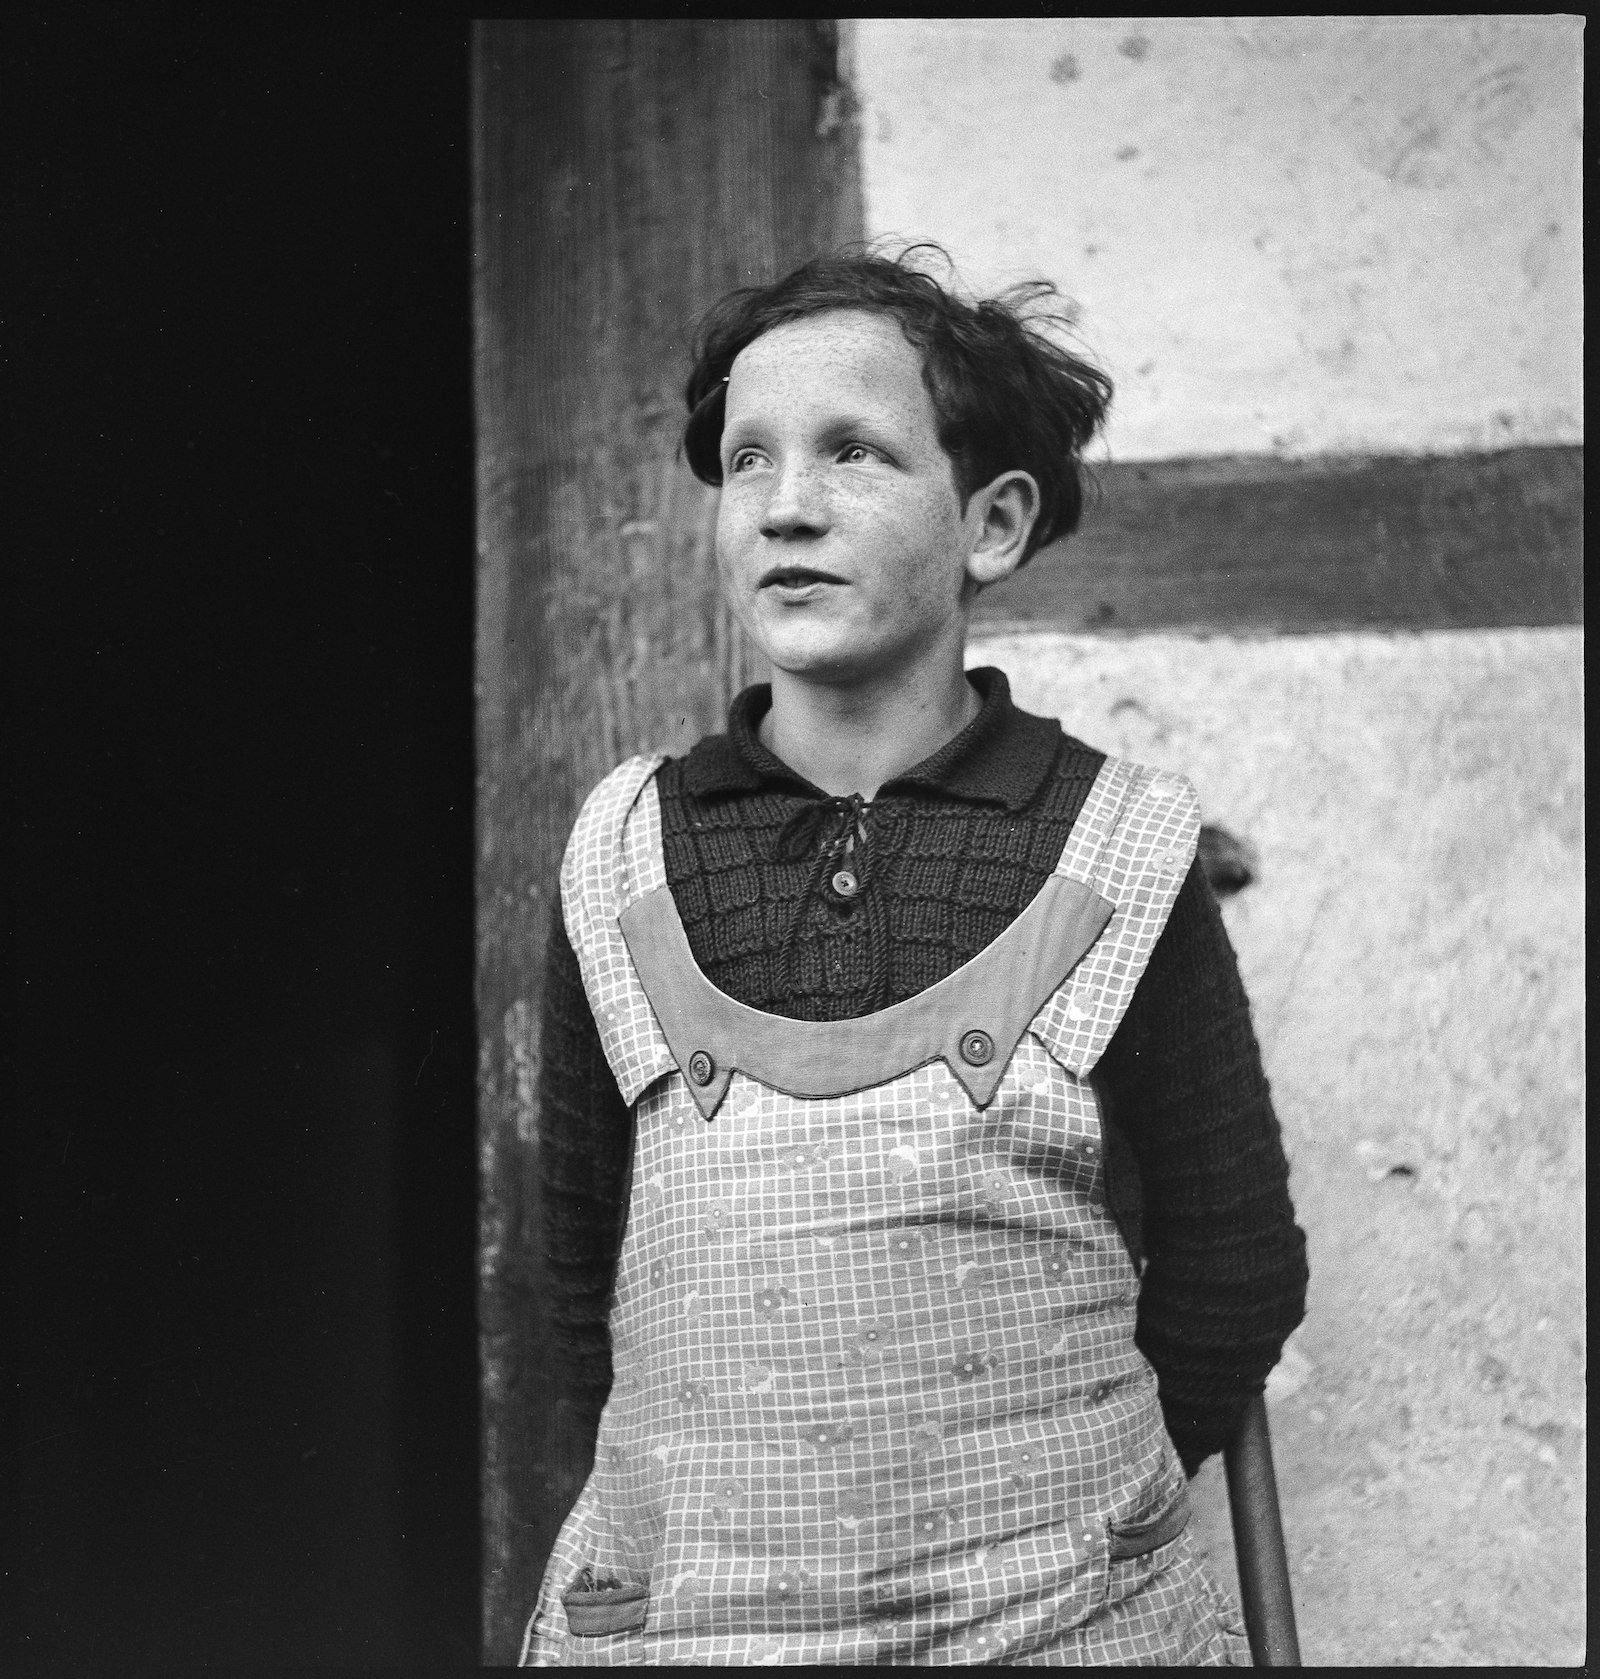 Ein weiteres Foto von Paul Senn, das ein Mädchen im Heim zeigt.